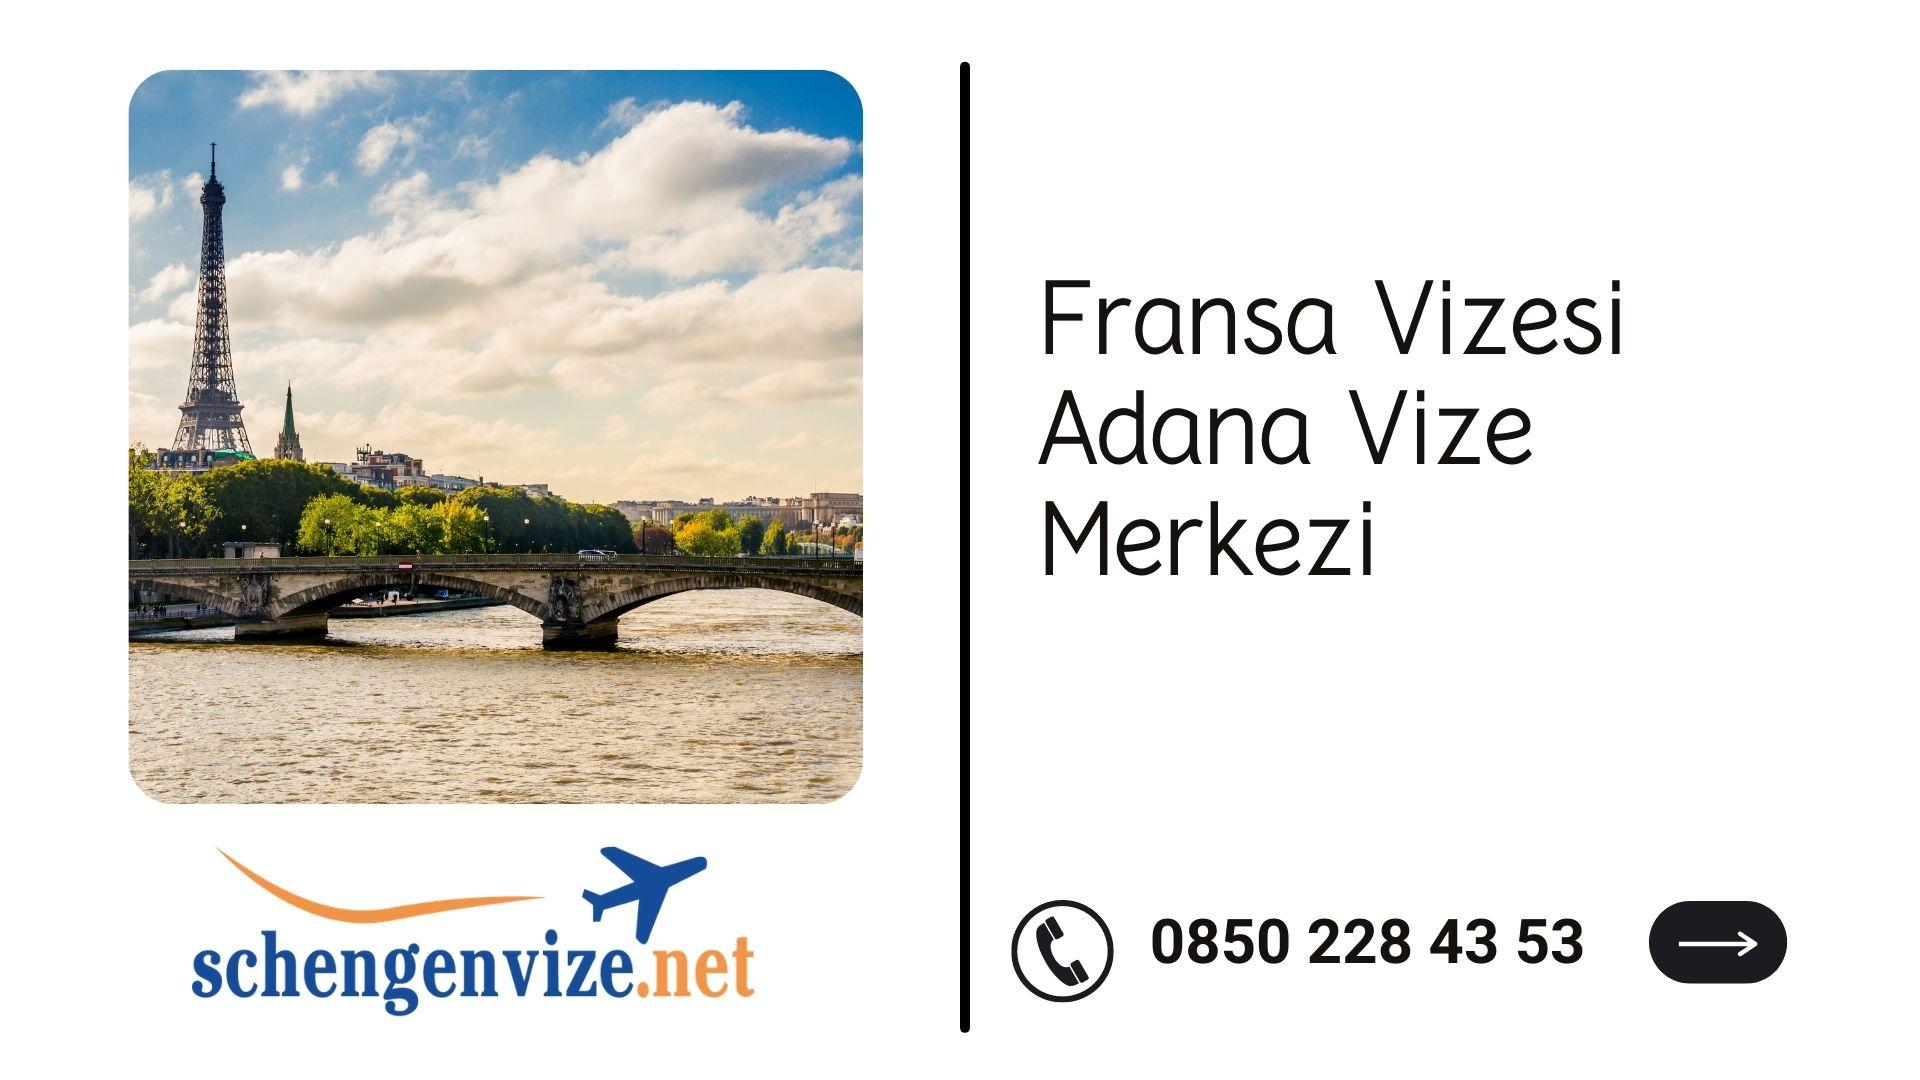 Fransa Vizesi Adana Vize Merkezi